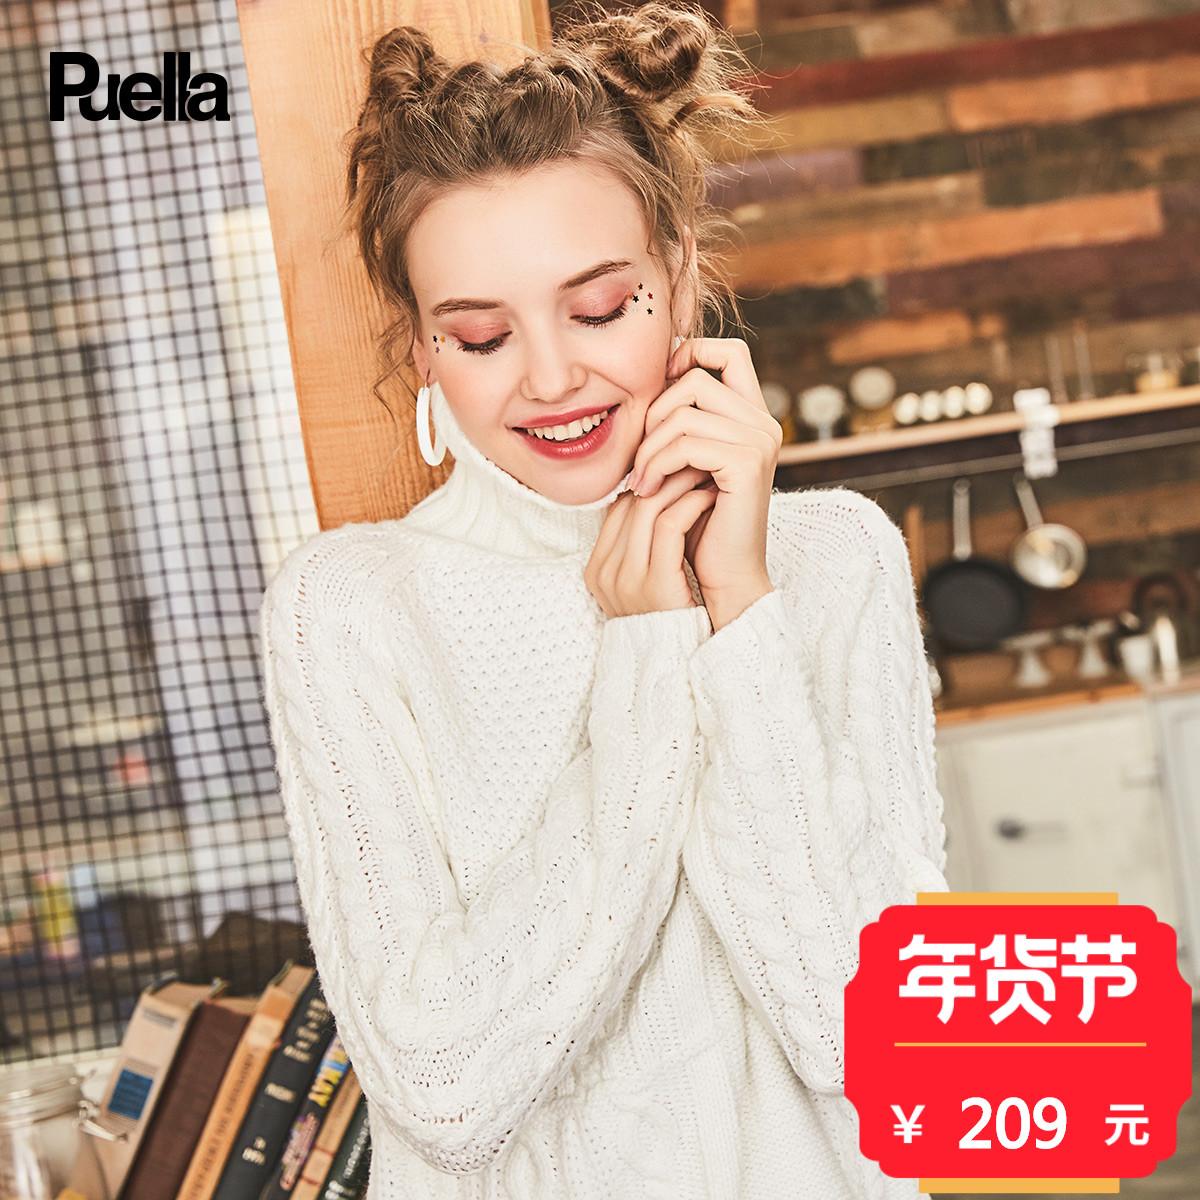 白色高领毛衣女2017秋冬季新款韩版长袖宽松潮前短后长套头针织衫